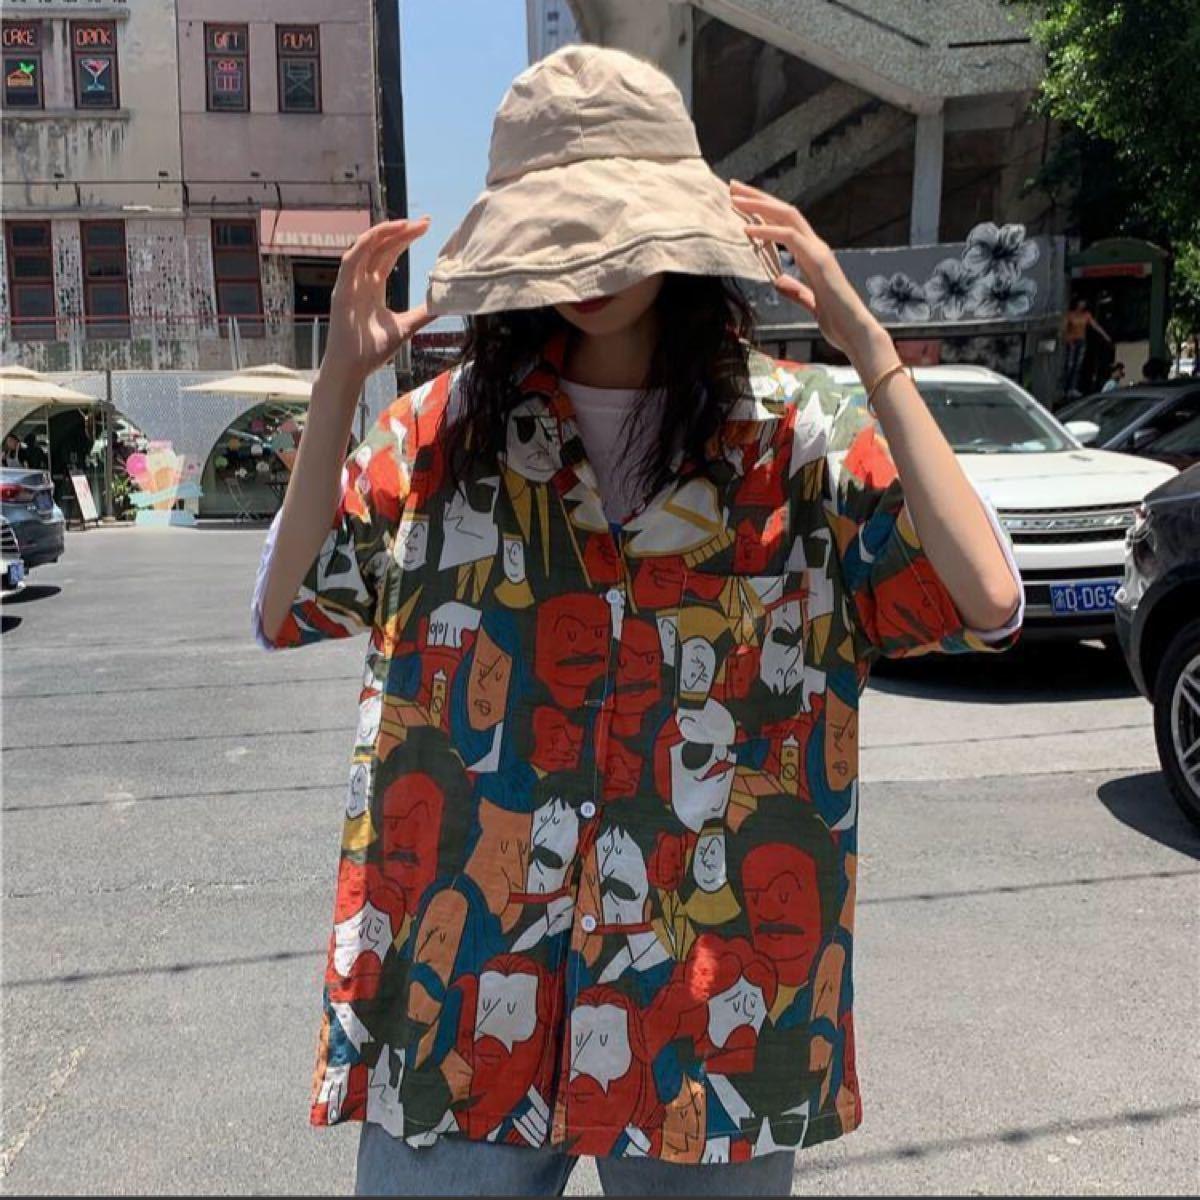 デザイン シャツ レトロ ヴィンテージ風 プリント イラスト 半袖 男女兼用